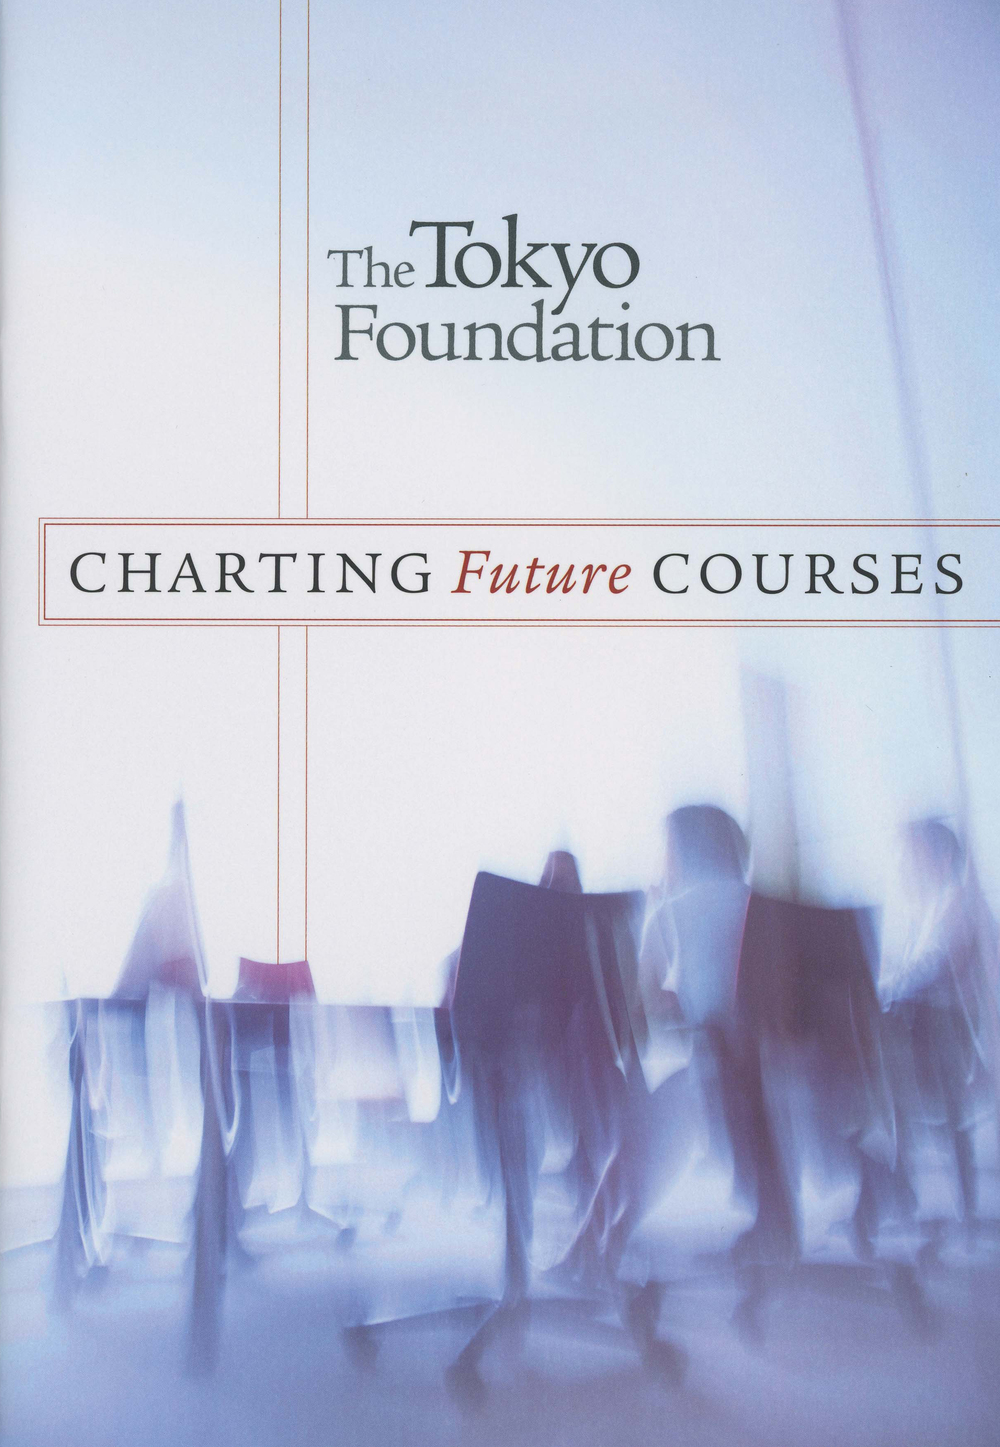 東京財団プロフィール2007